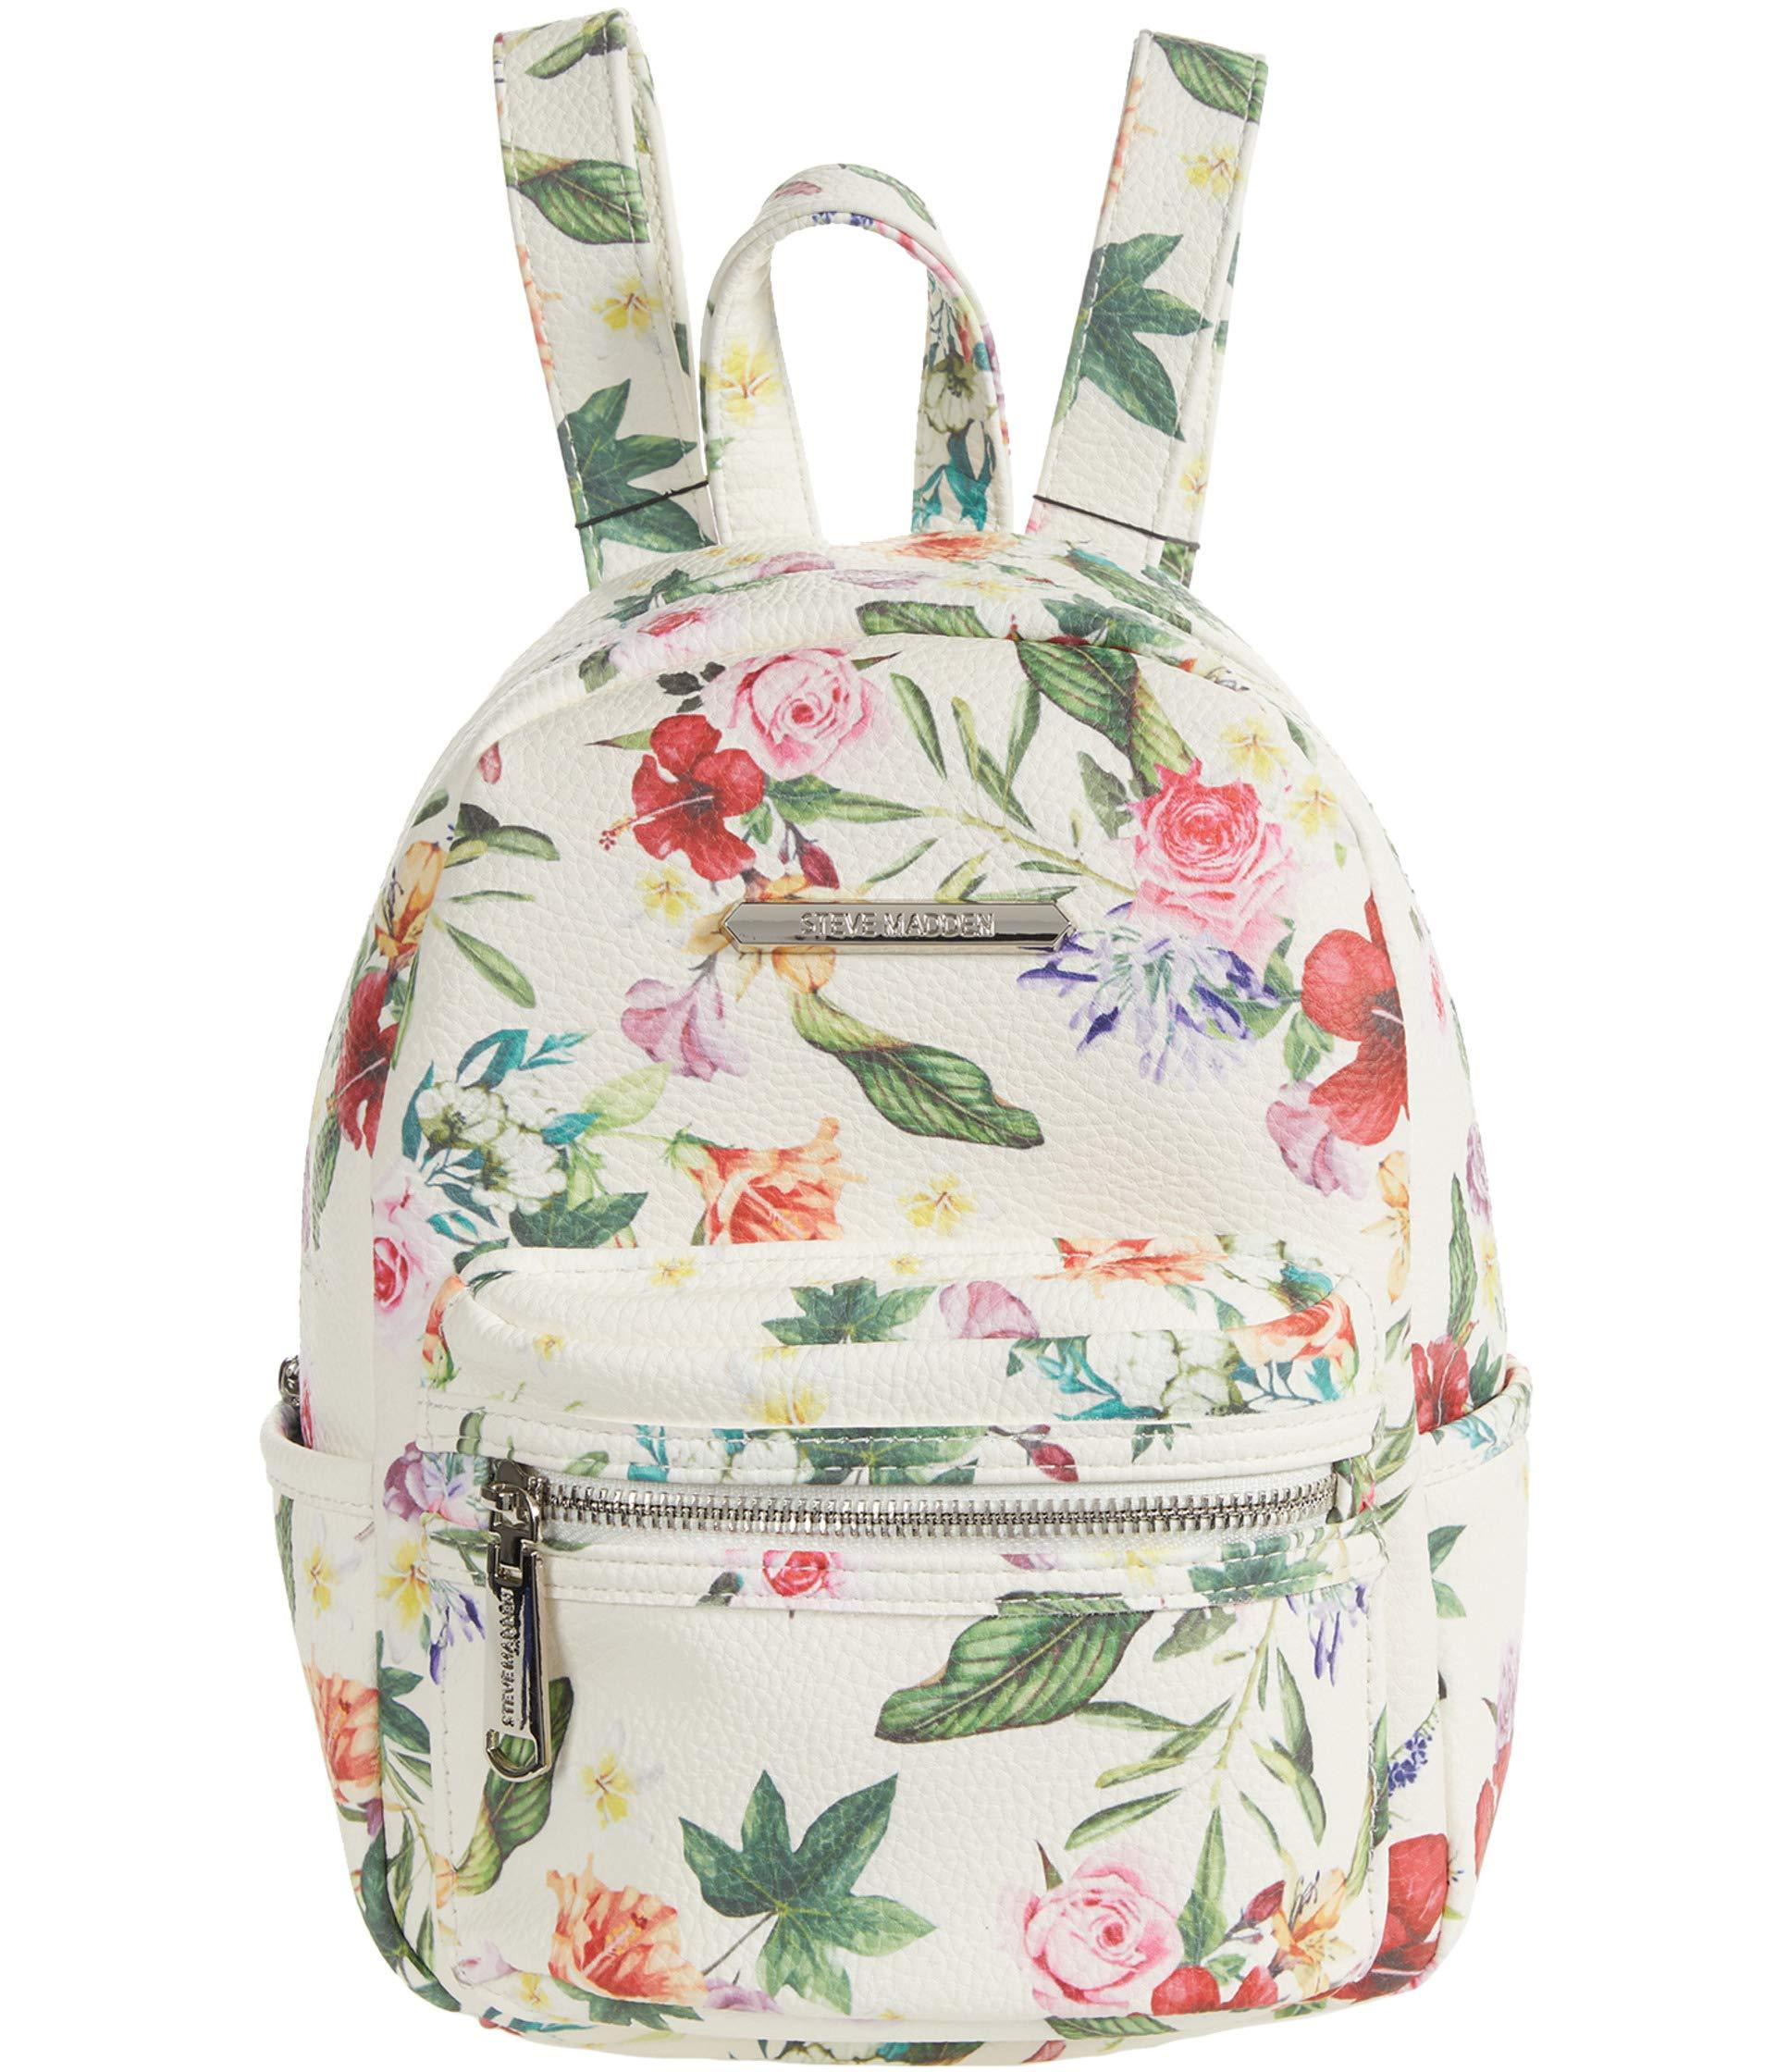 Steve Madden Steve Madden Bbailey Core Backpack